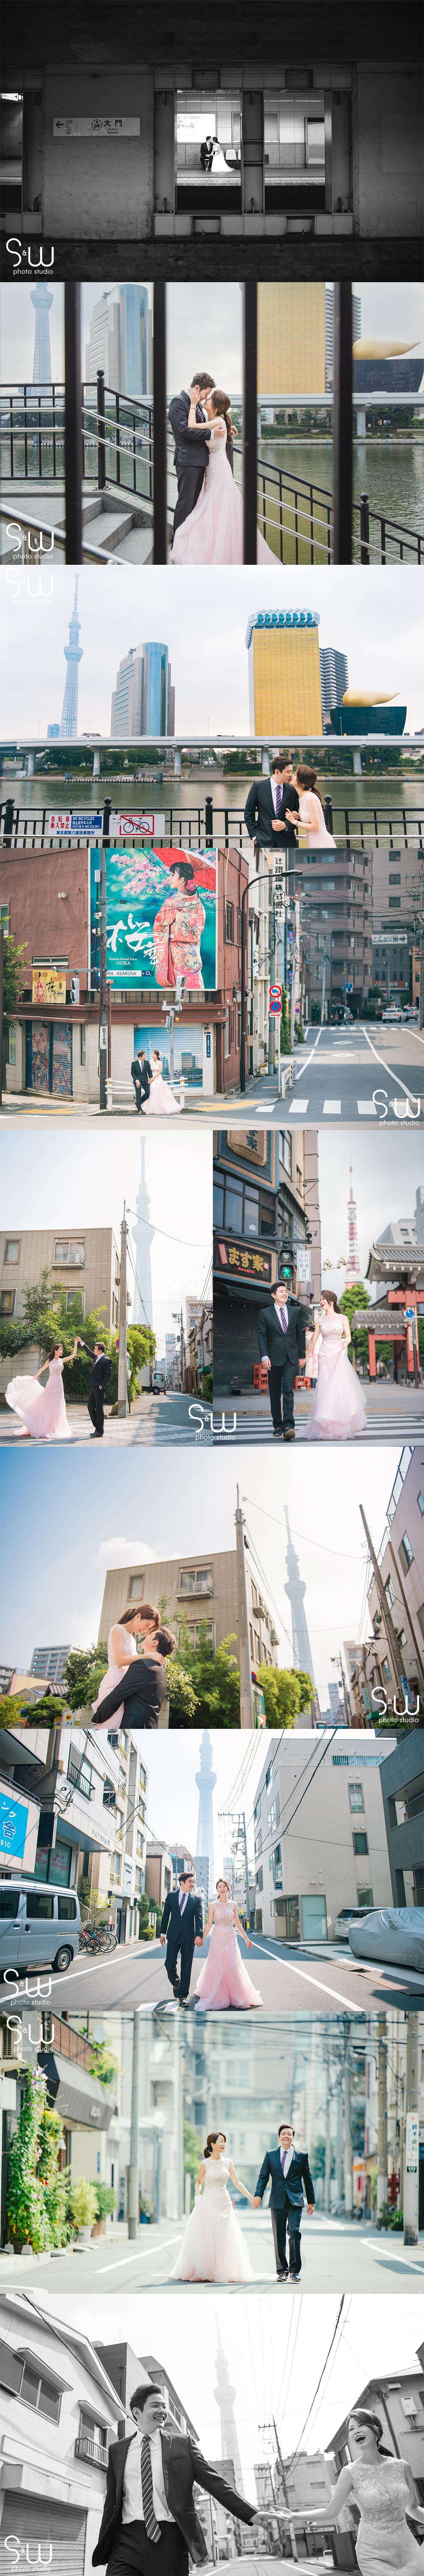 婚紗攝影,日本輕井澤+東京,海外婚紗